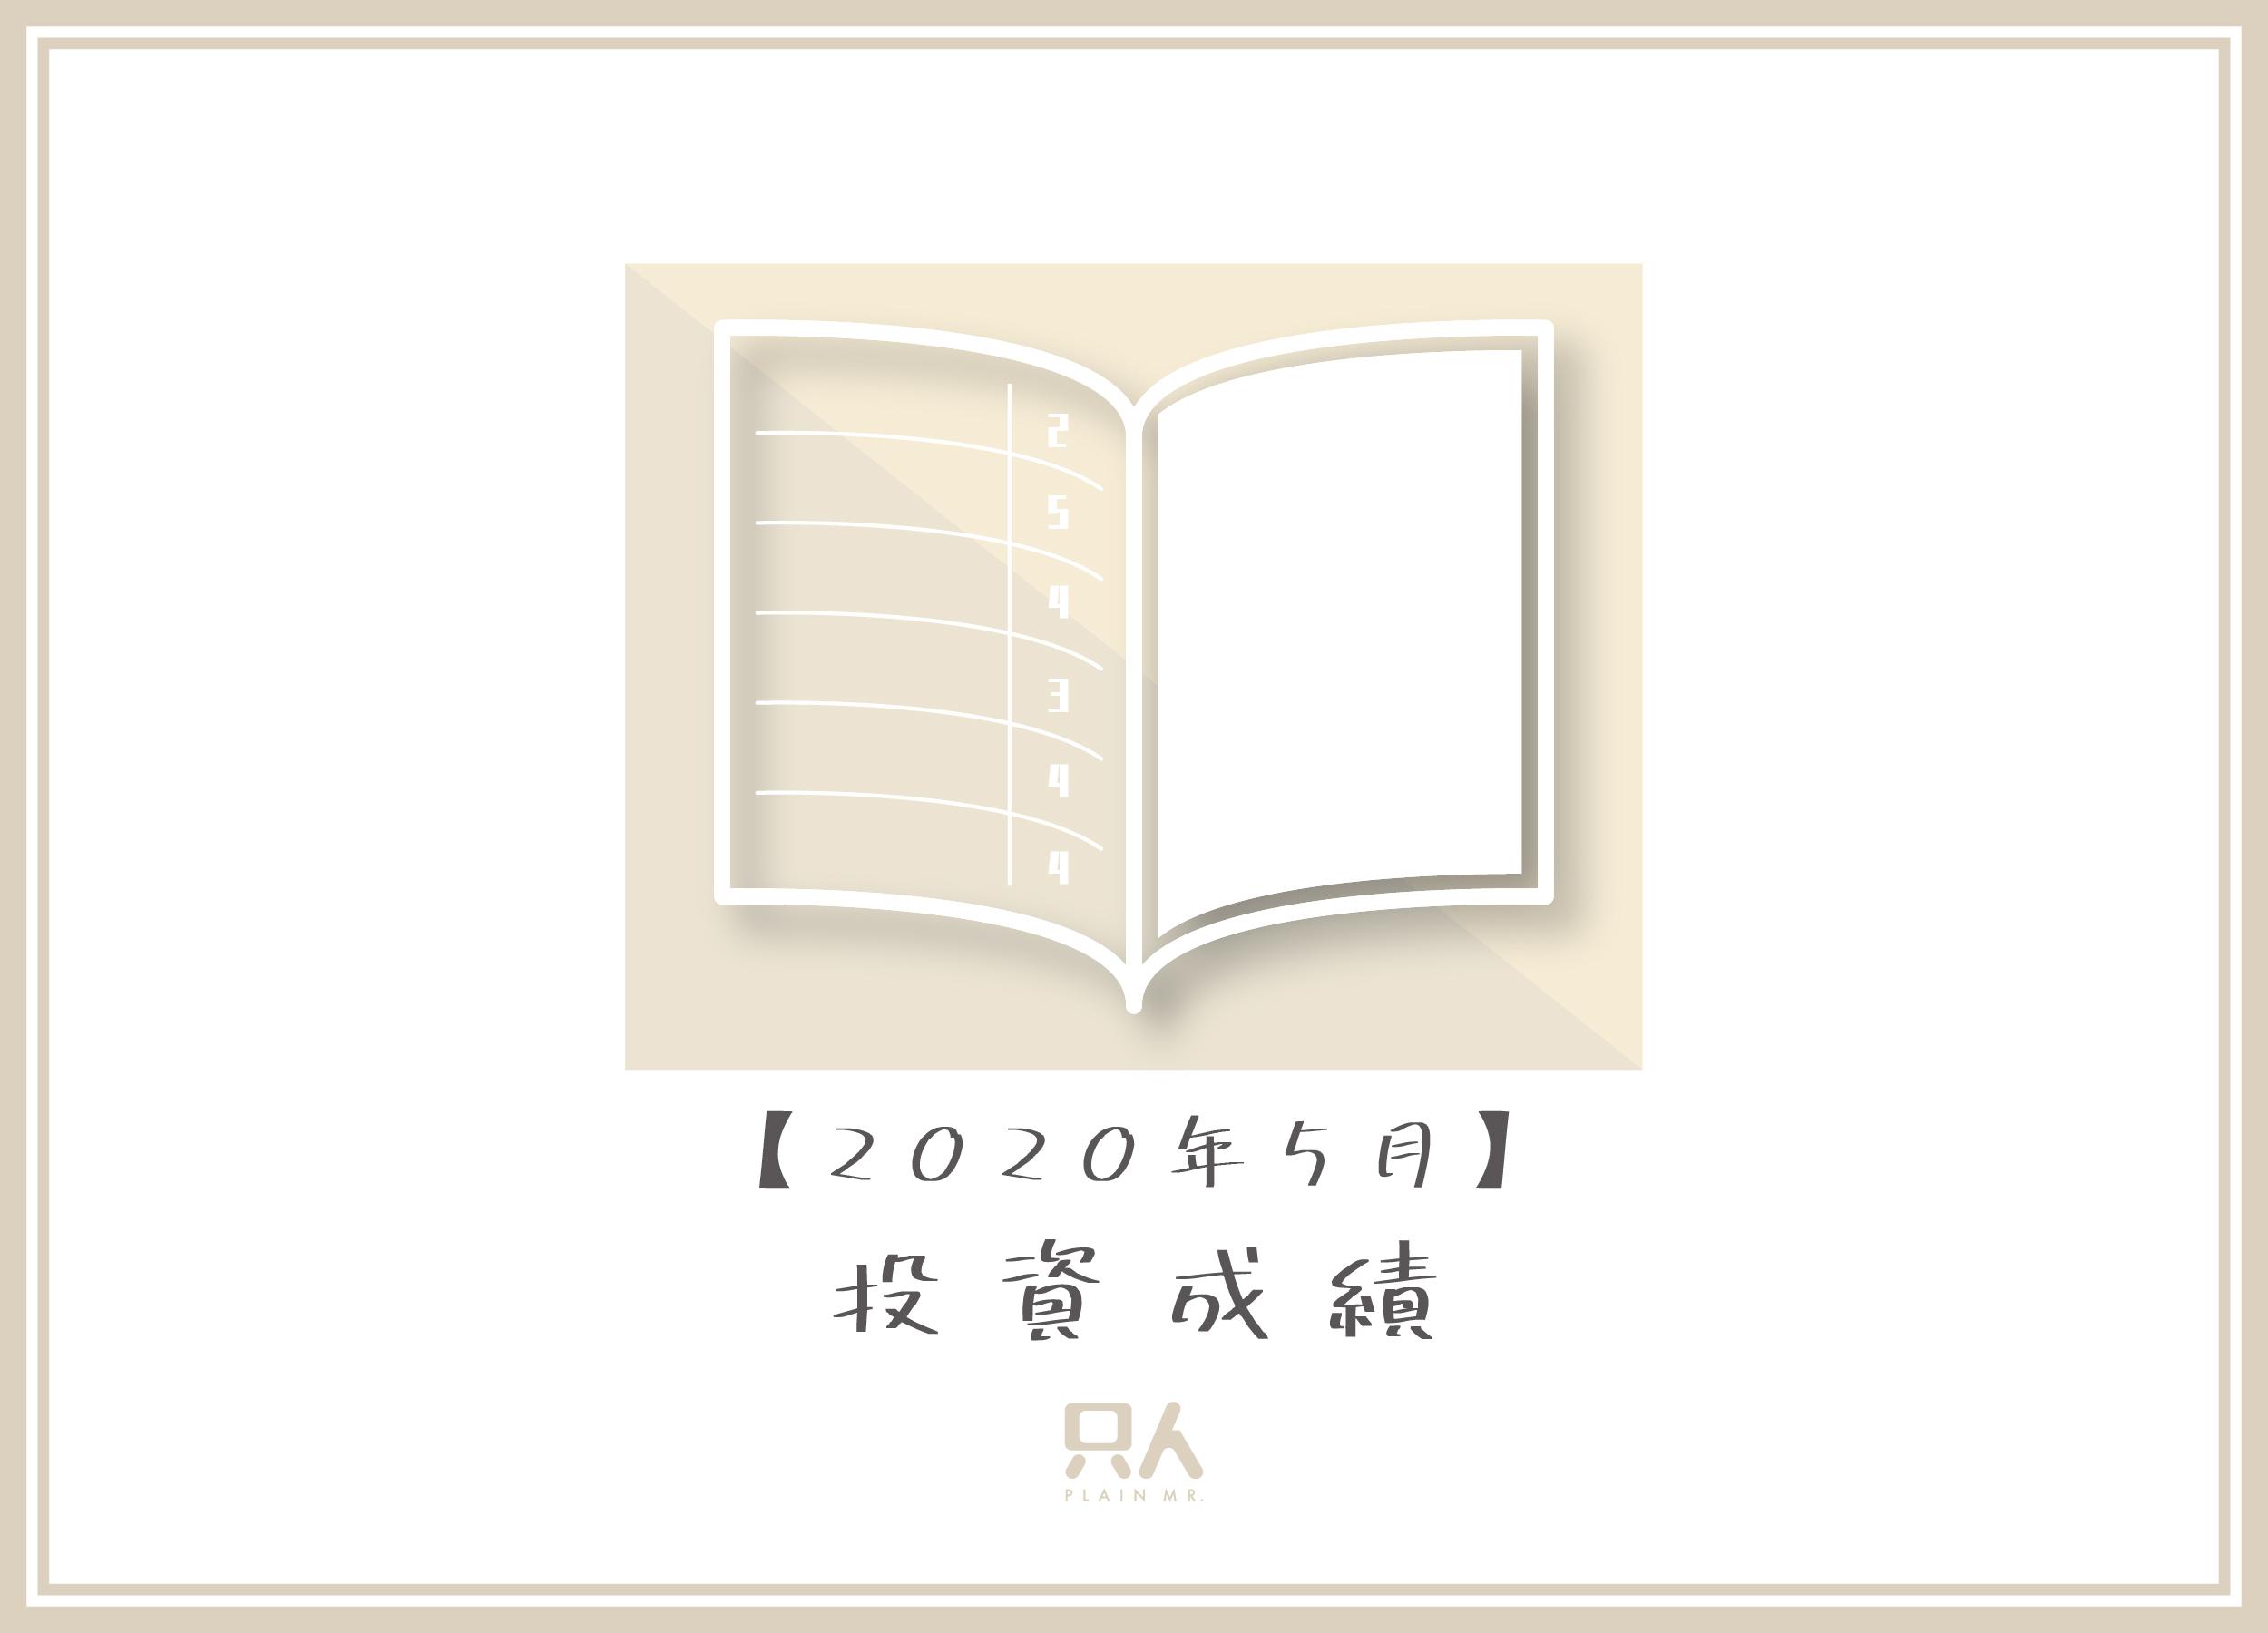 06_01_サムネイル_200531